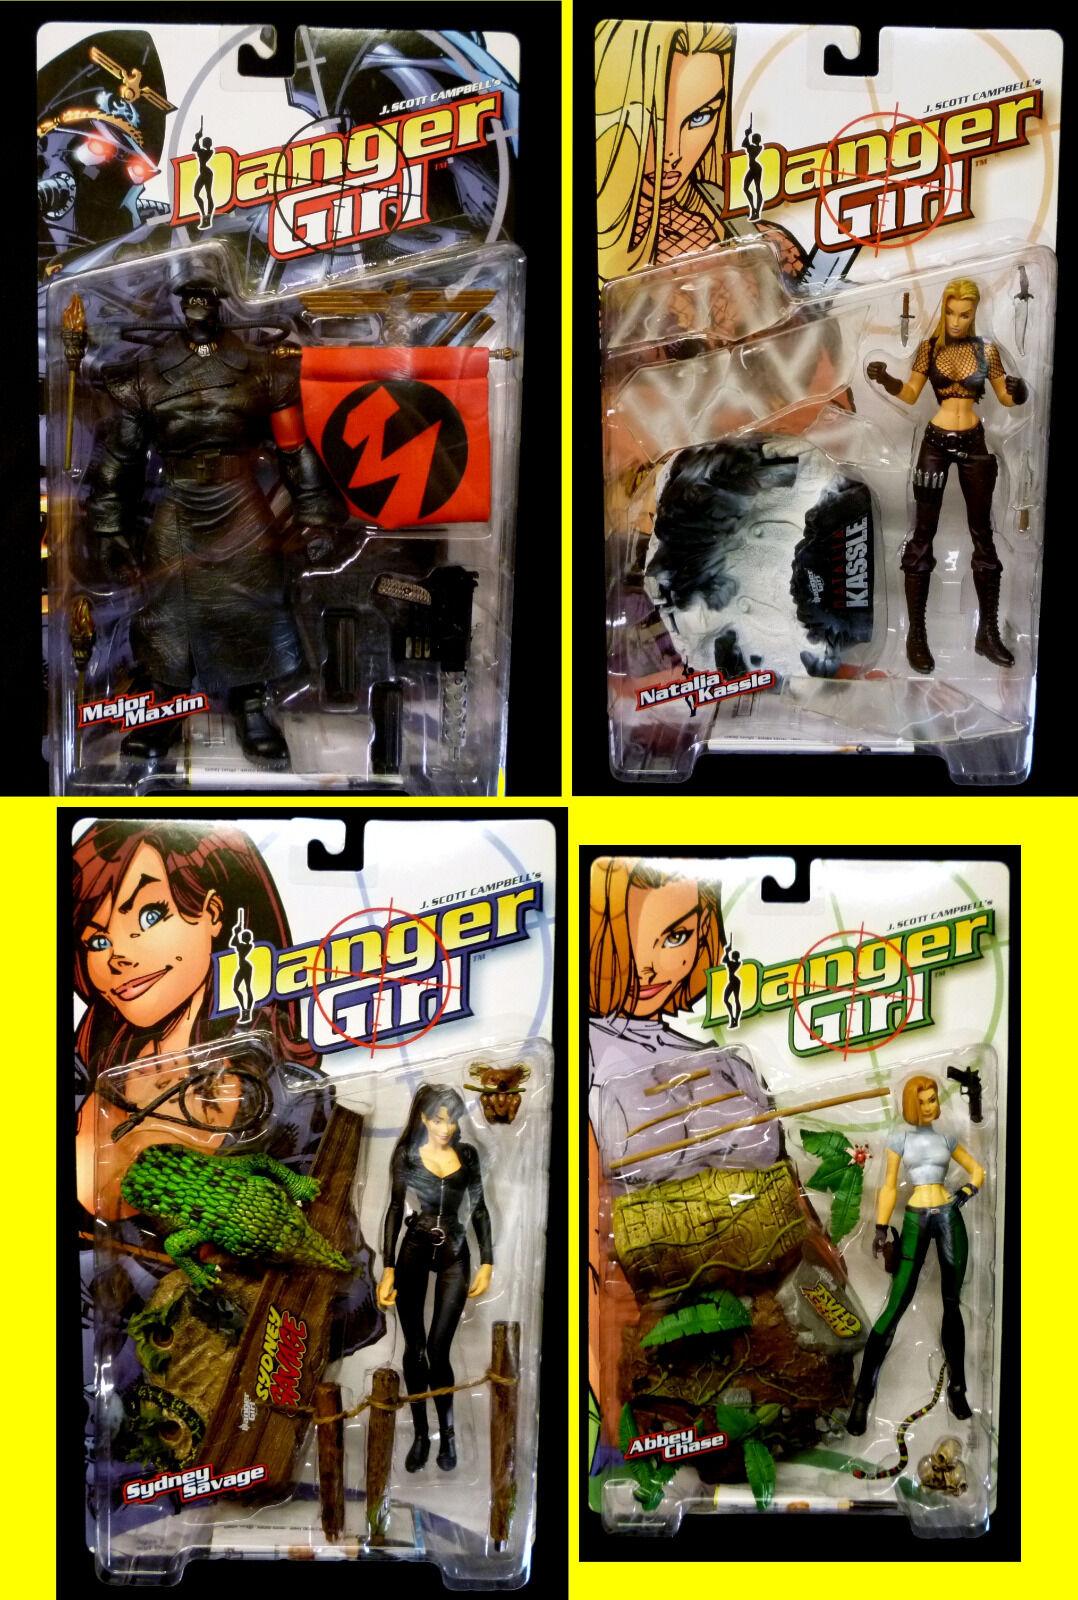 McFarlane Toys Danger Girl Campbell 4 Action Figure Set nouveau  1999 Abbey Chase  haute qualité générale